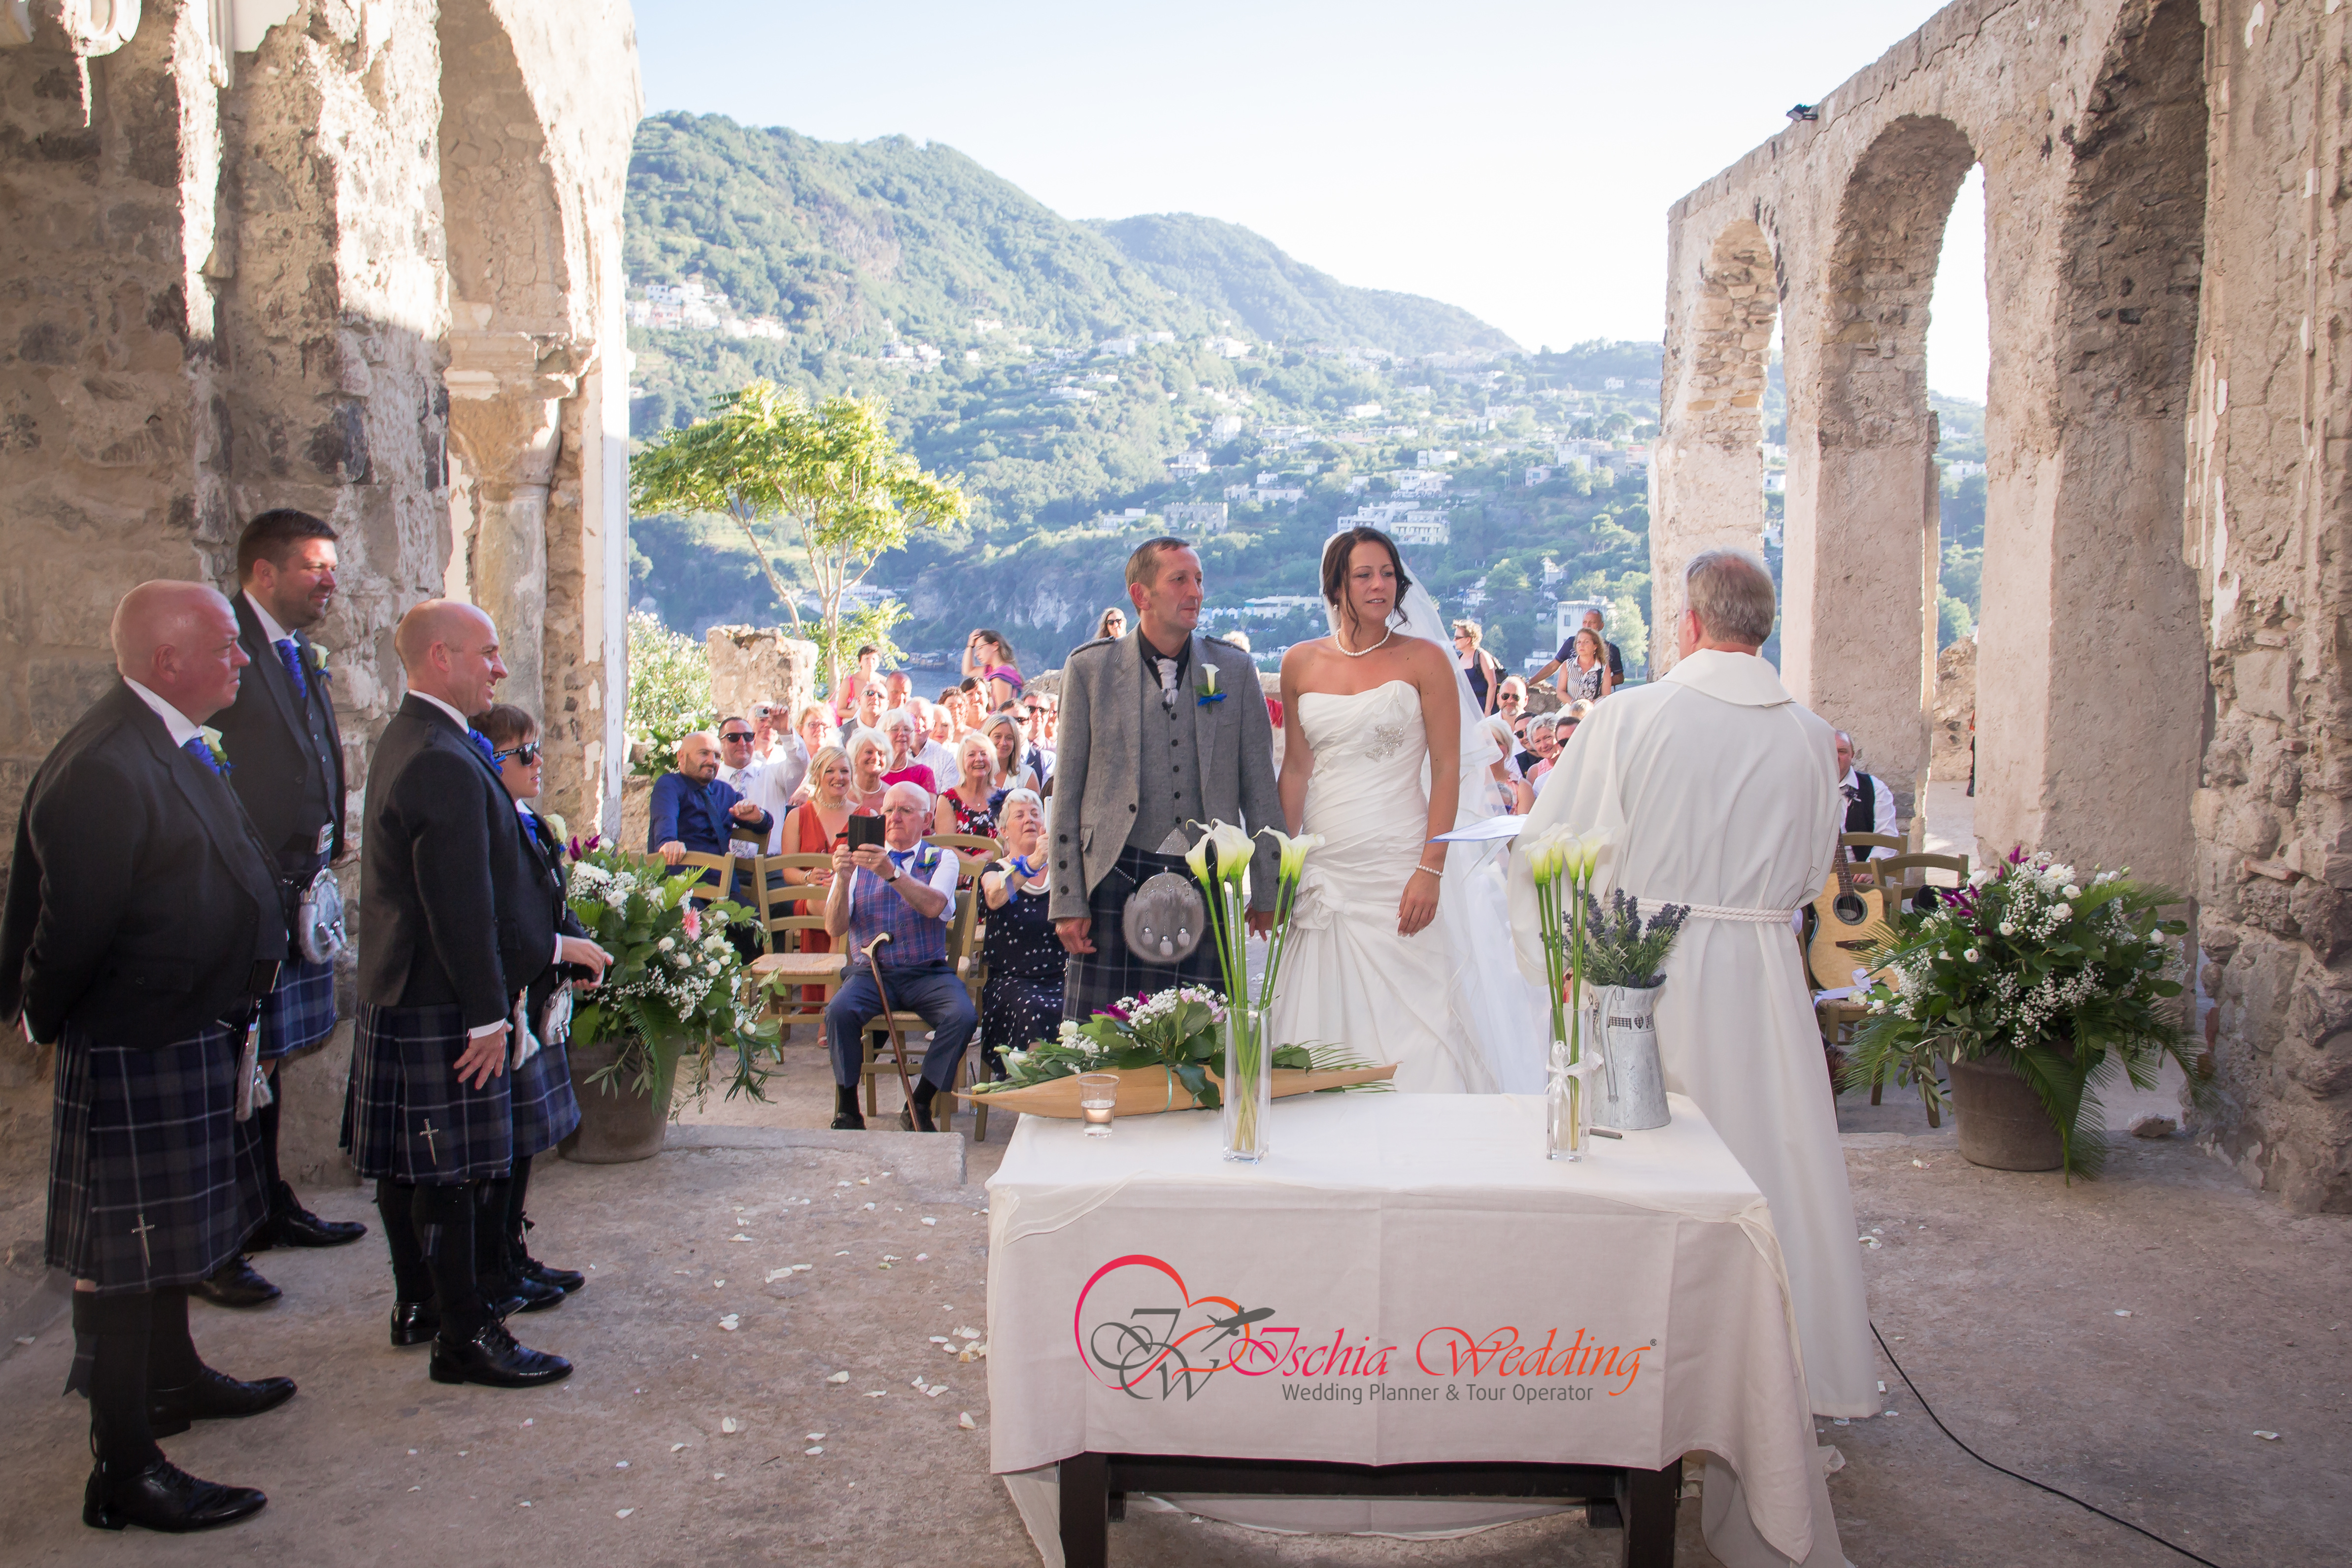 Tema Matrimonio In Un Castello : Matrimonio a tema libri un romanzo per le mie nozze